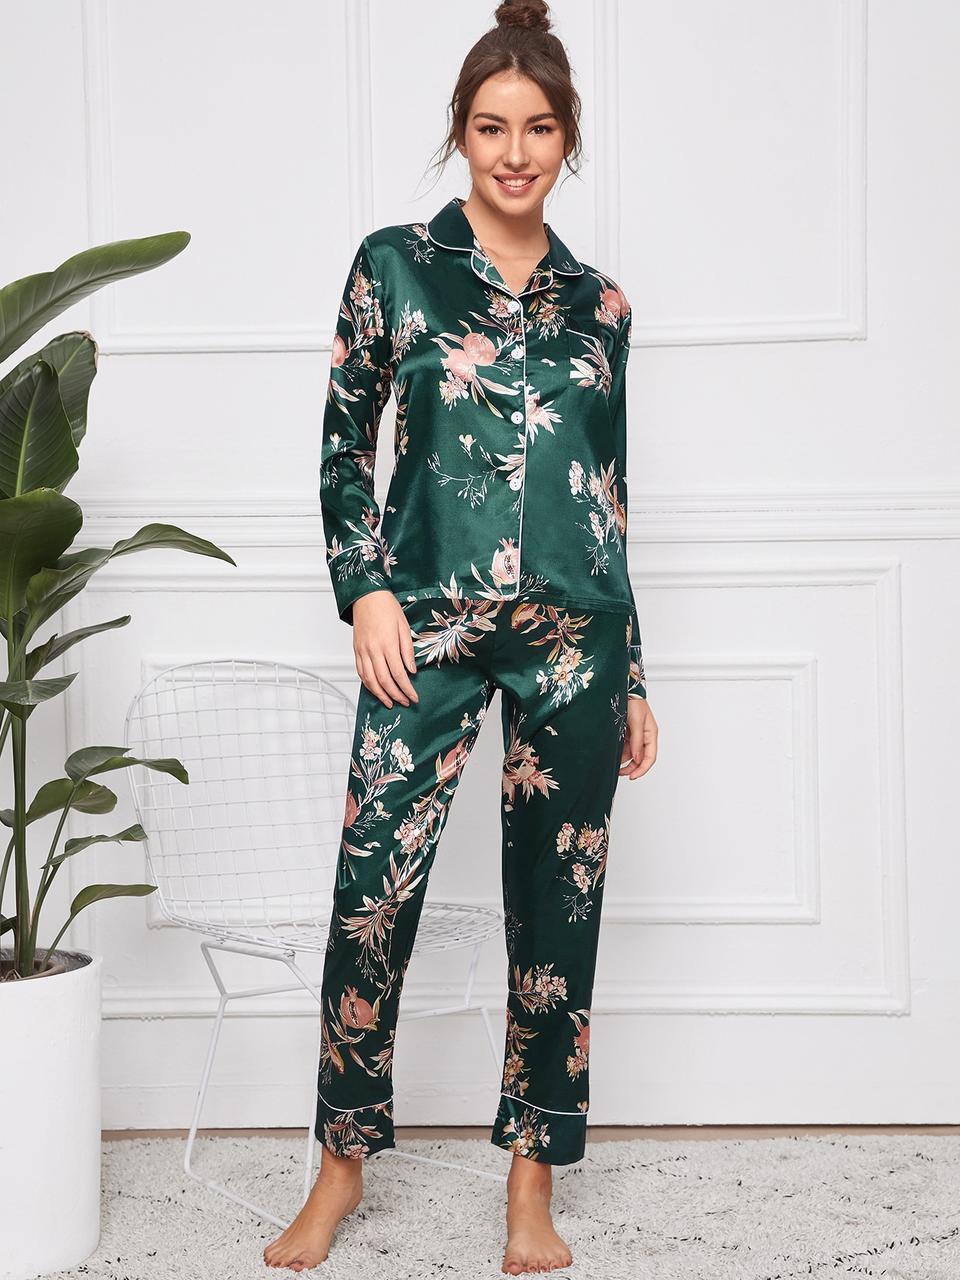 Пижама женская атласная на пуговицах. Комплект шелковый для дома, сна с длинным рукавом (зеленый) L